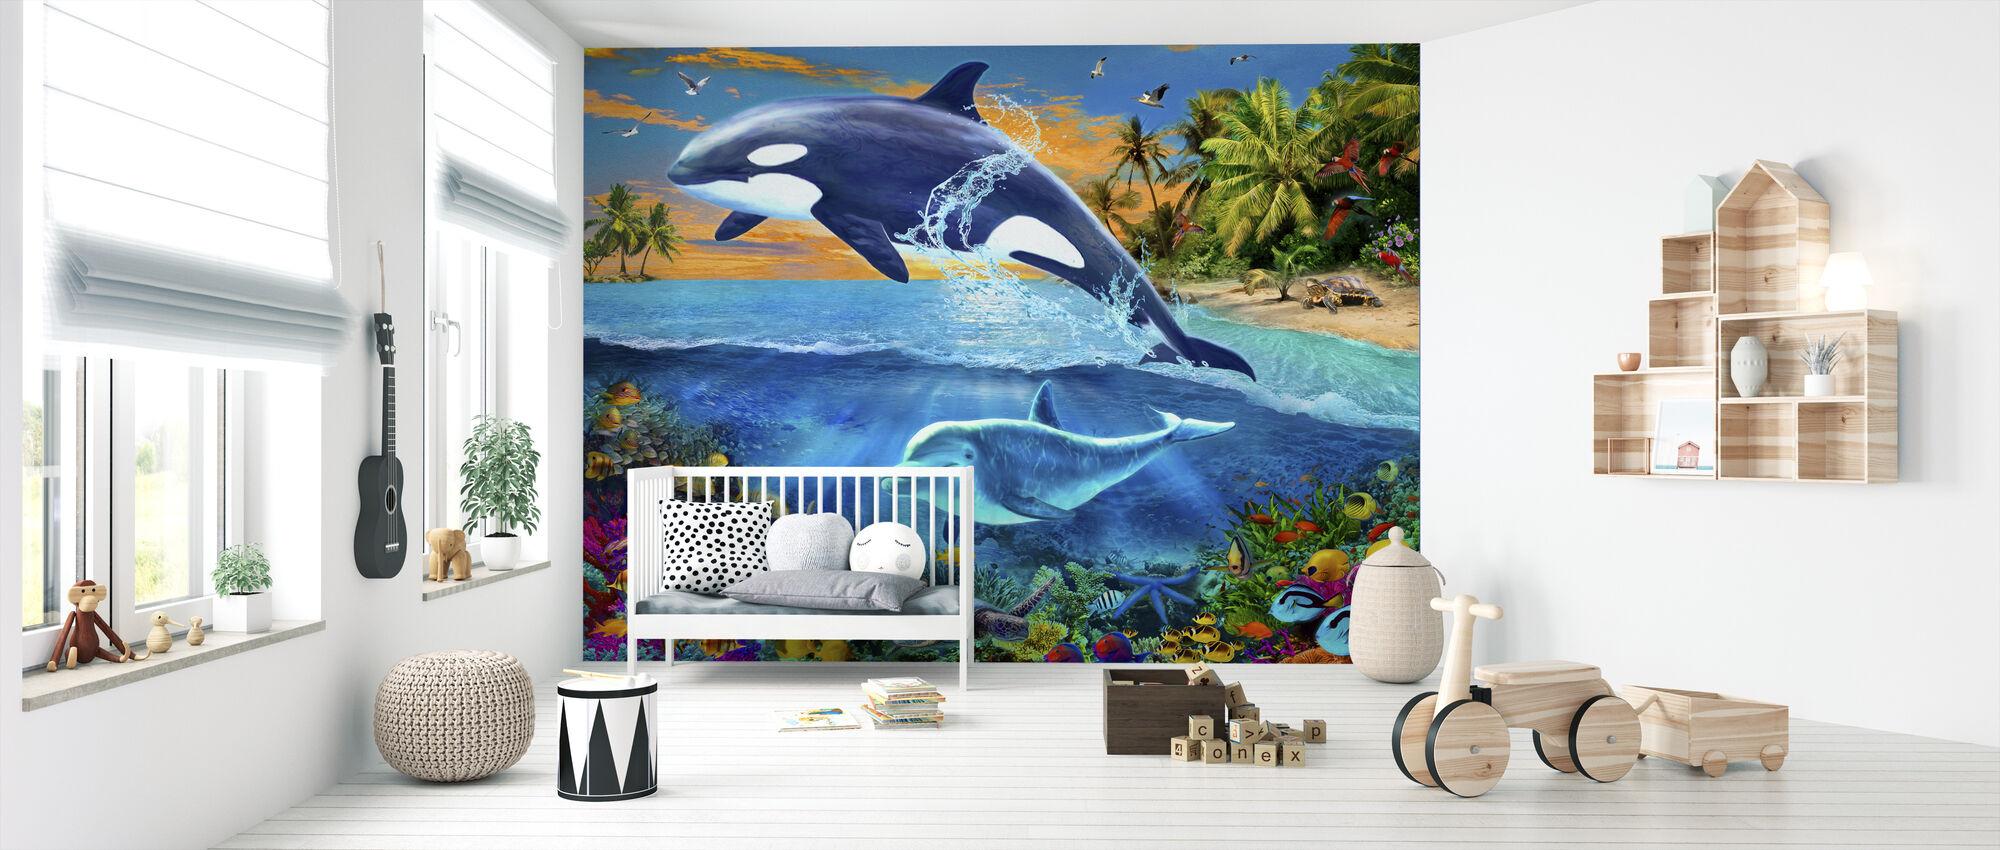 Whale - Wallpaper - Nursery